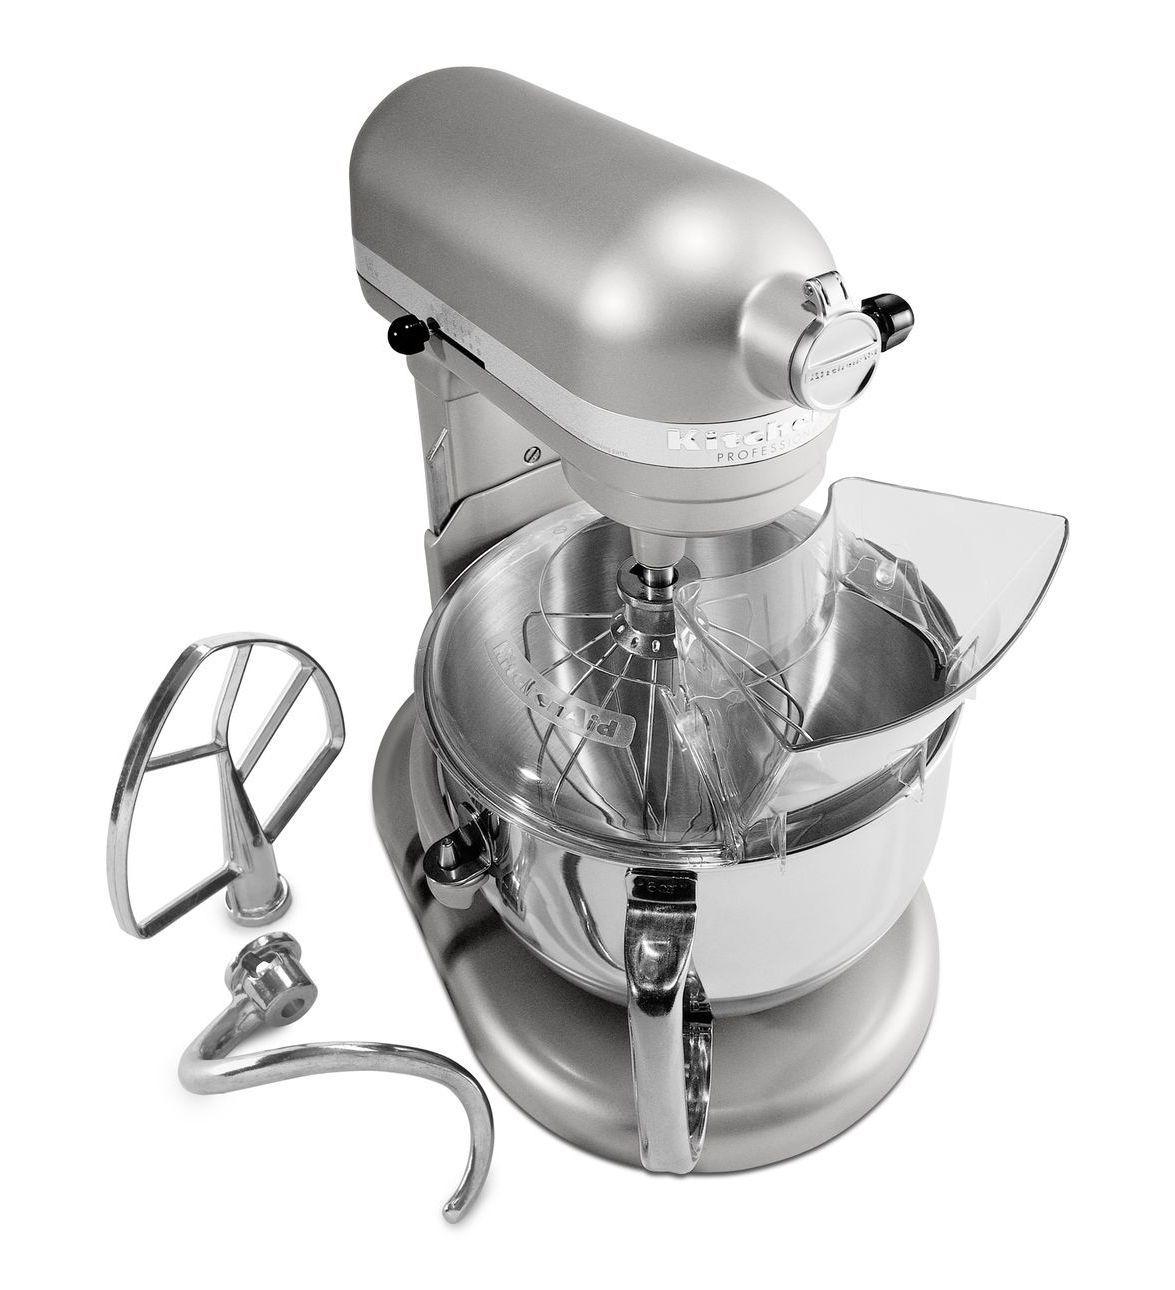 Kitchenaid Mixer White 6 Quart